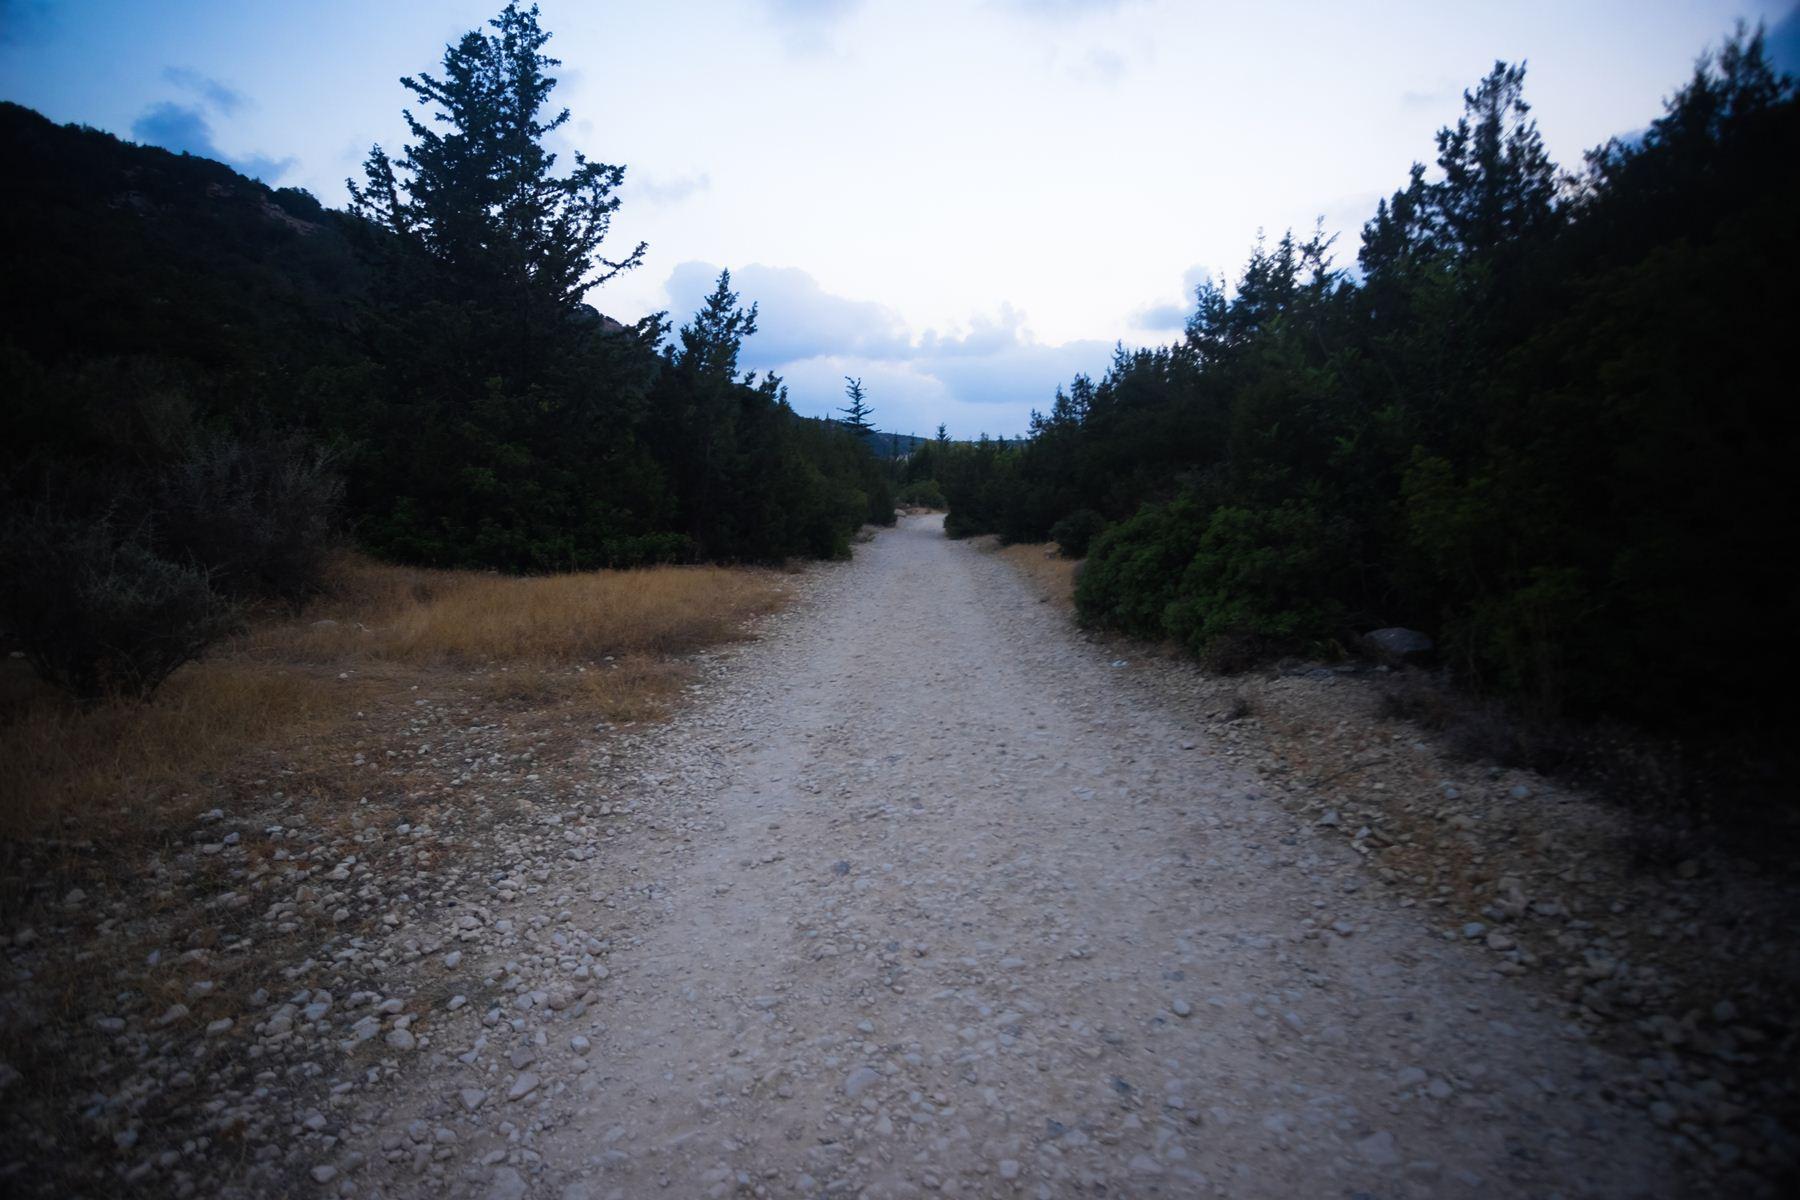 Путь по тропе вечером